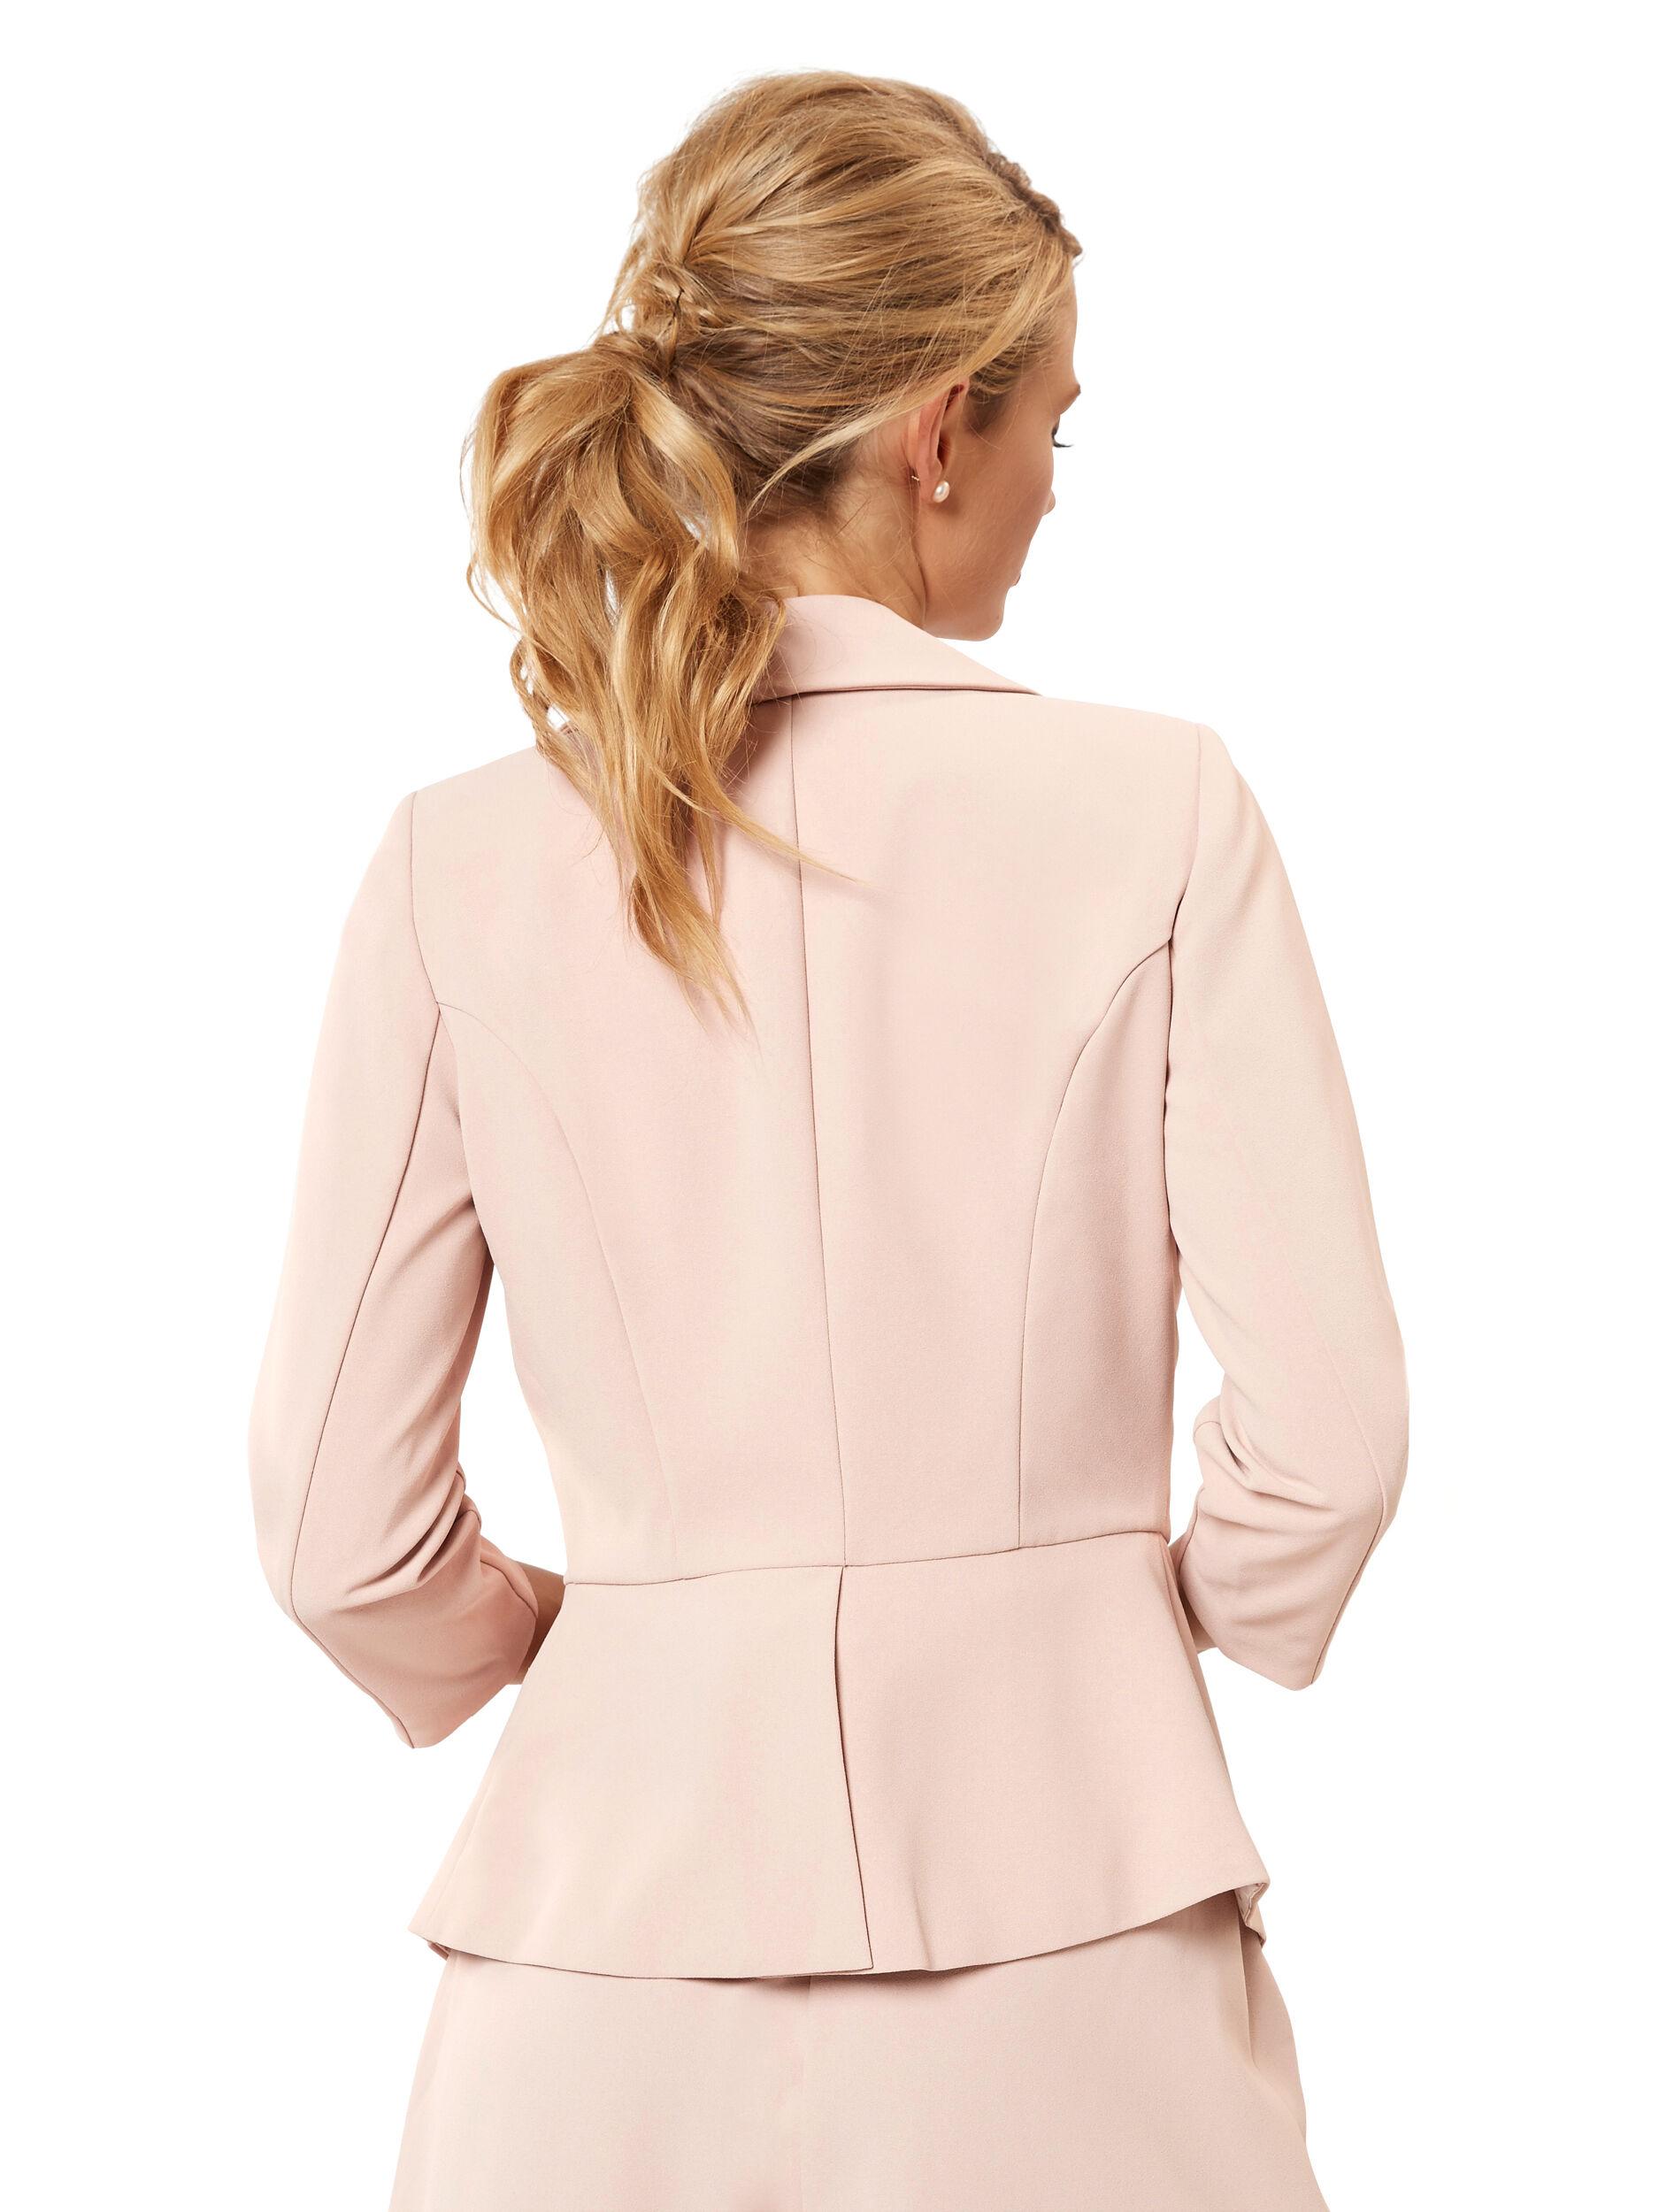 Aries 3/4 Sleeve Jacket